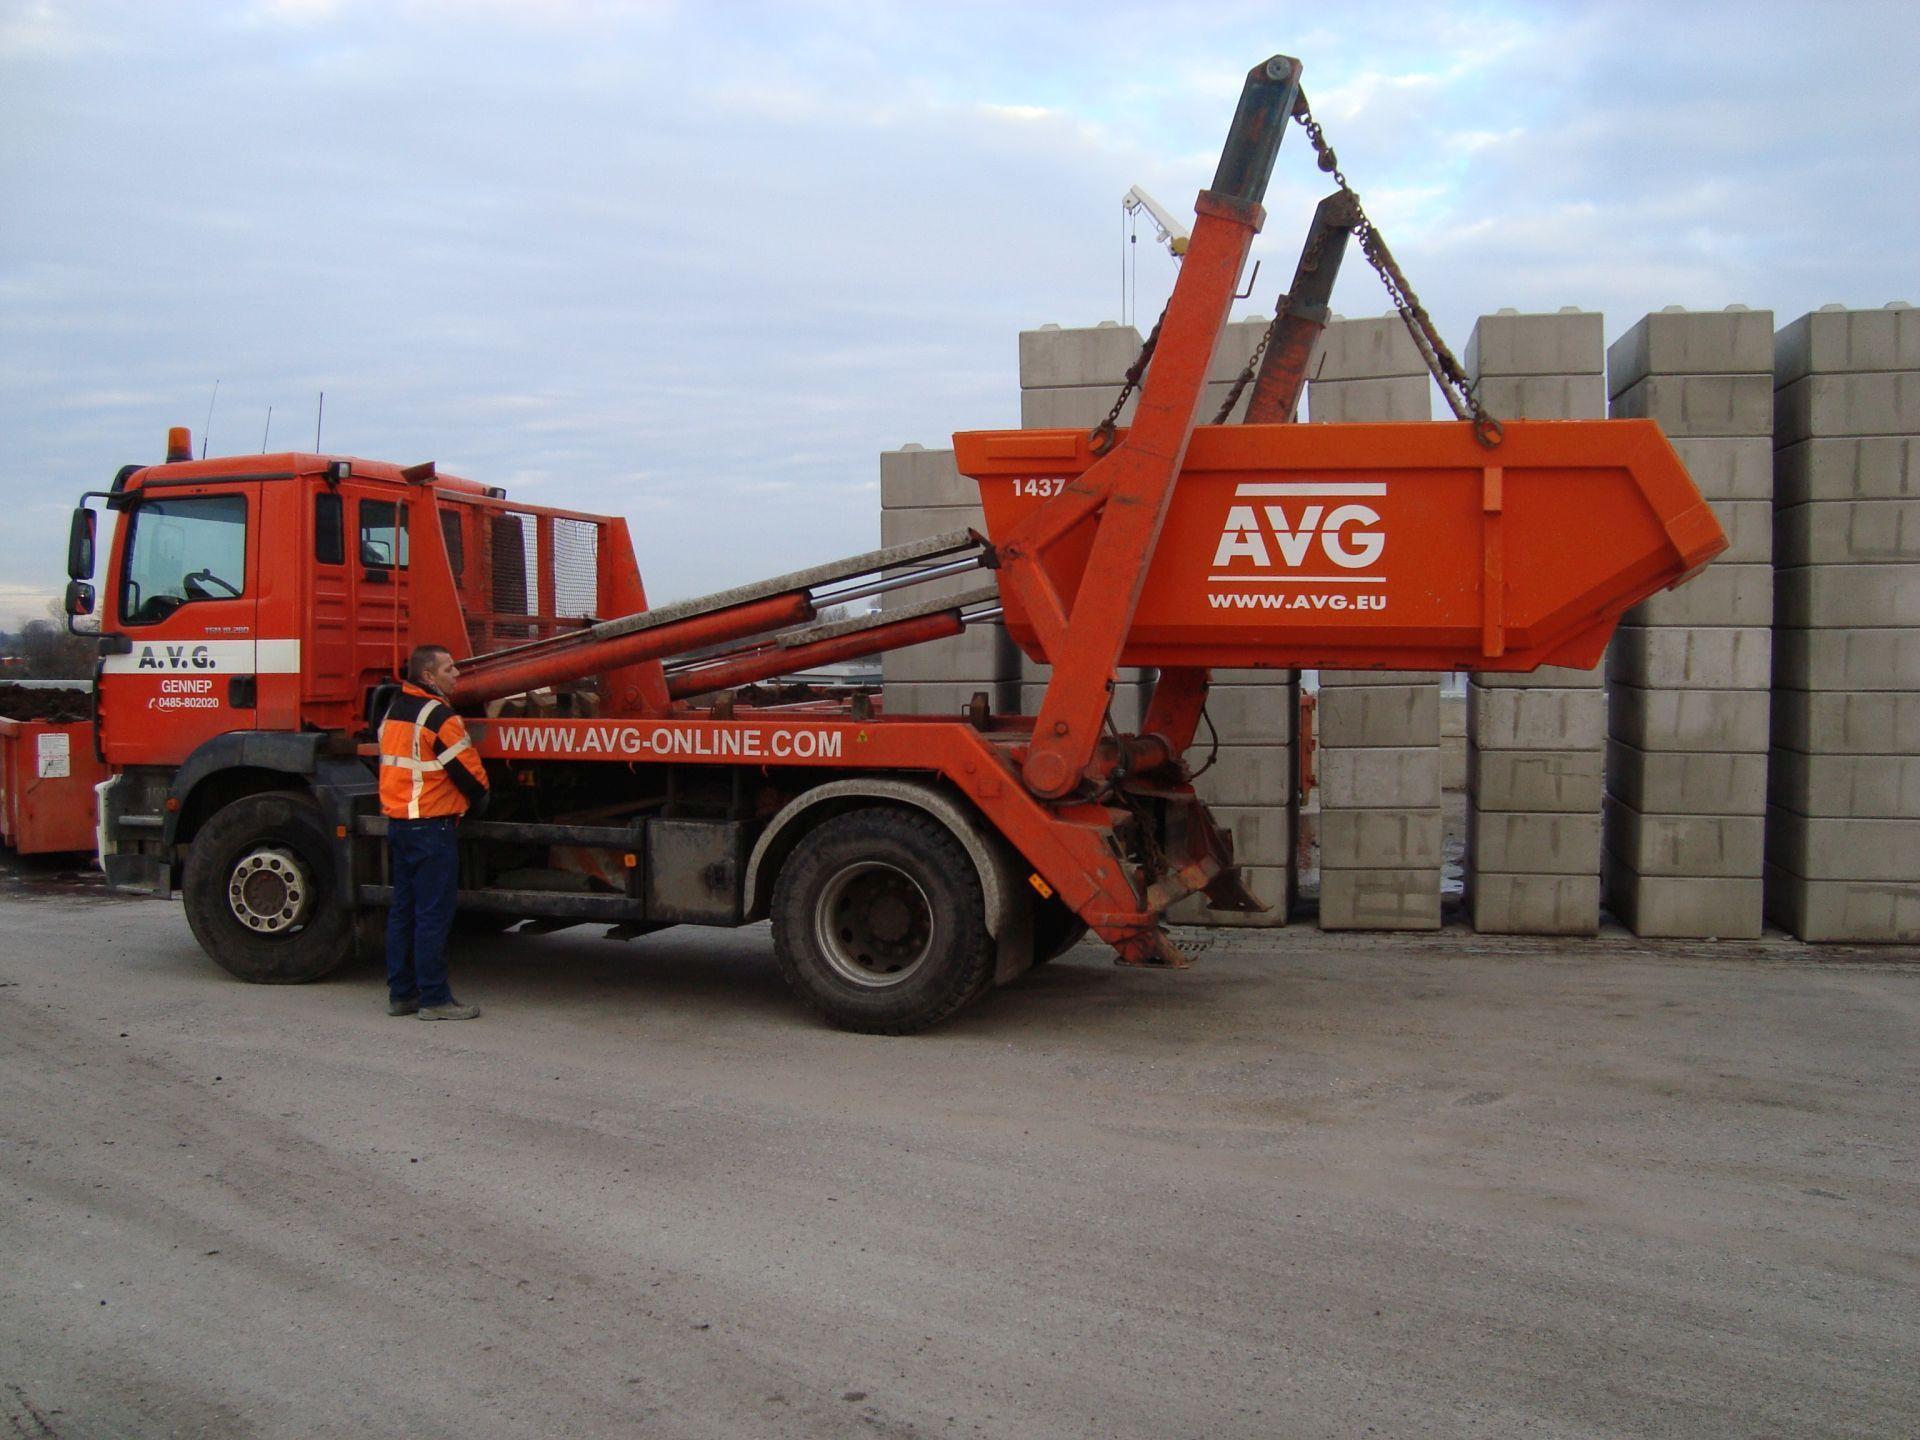 kleine-container-3-avg-bouwstoffen